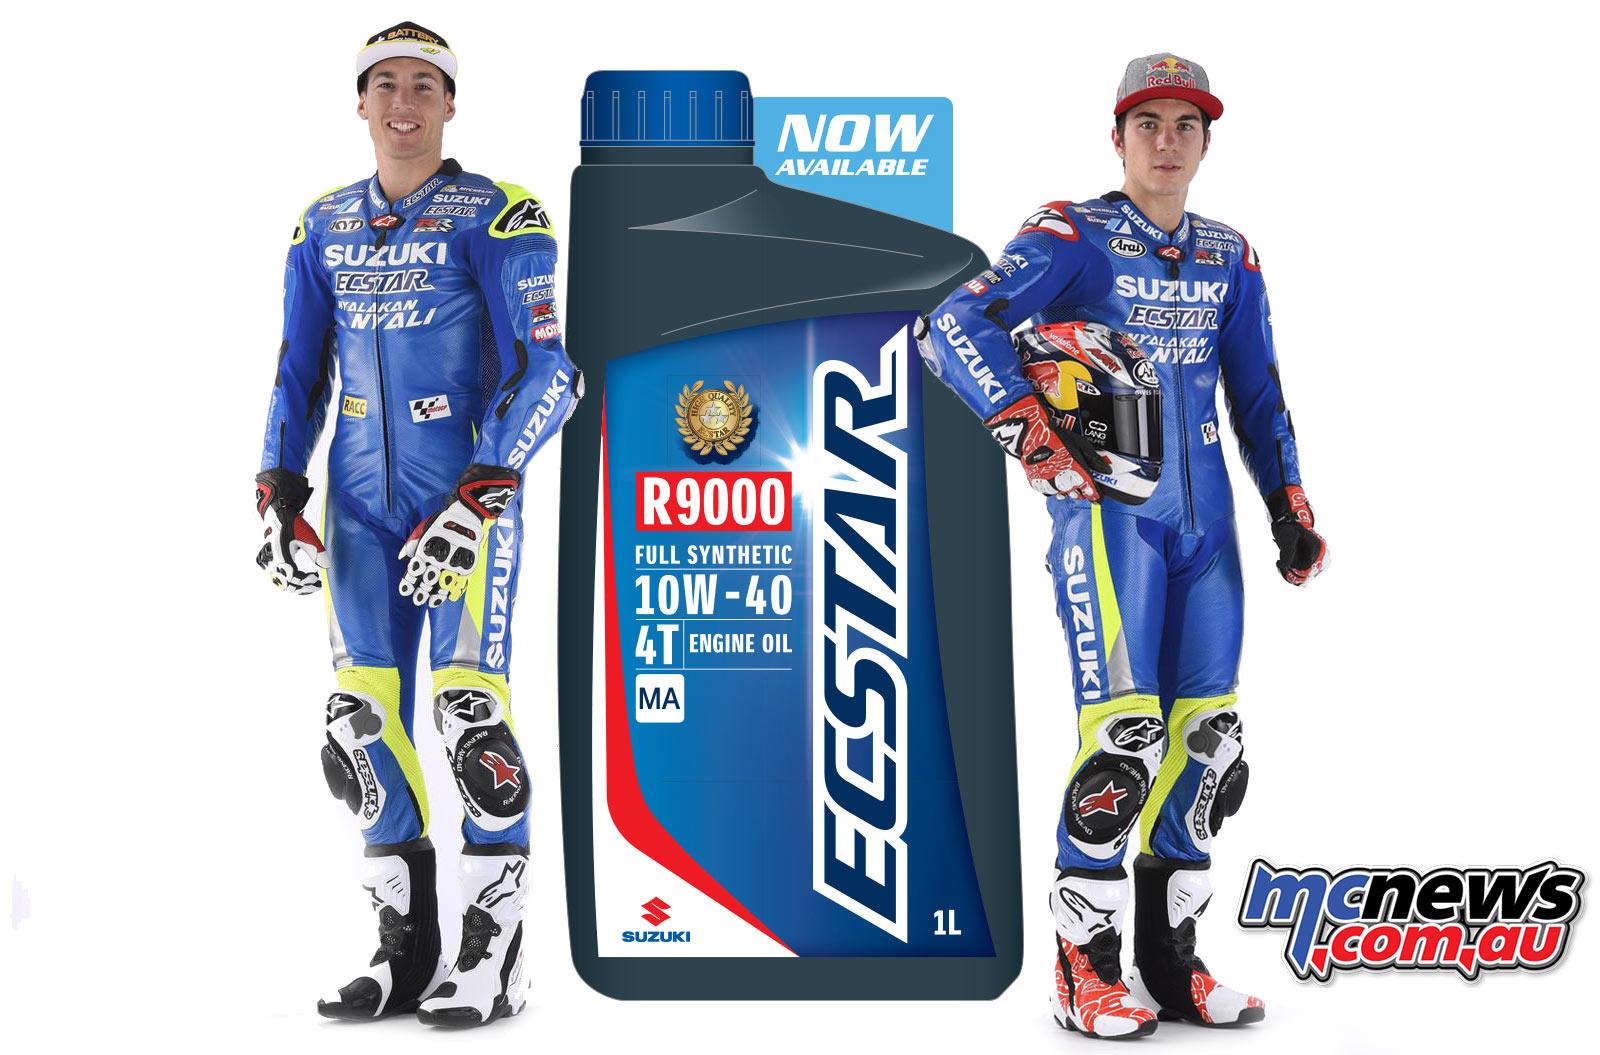 ECSTAR – Suzuki Genuine Motorcycle Oil, teamed with MotoGP riders riders Maverick Viñales and Aleix Espargaro